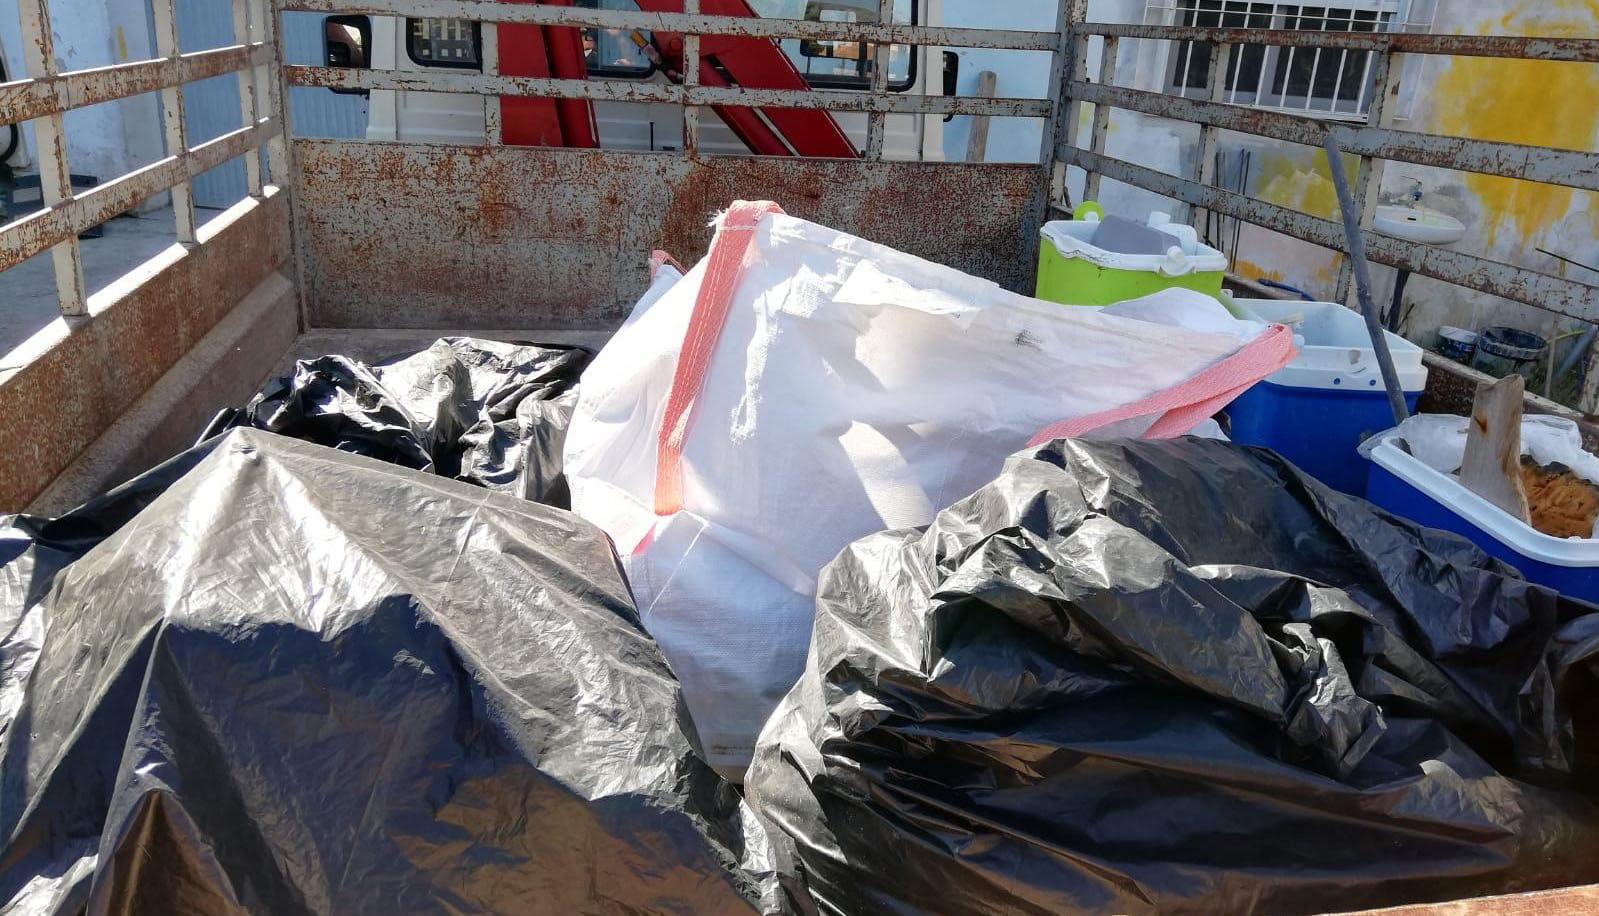 Basura recogida por Medio Ambiente en la cala de Benitatxell